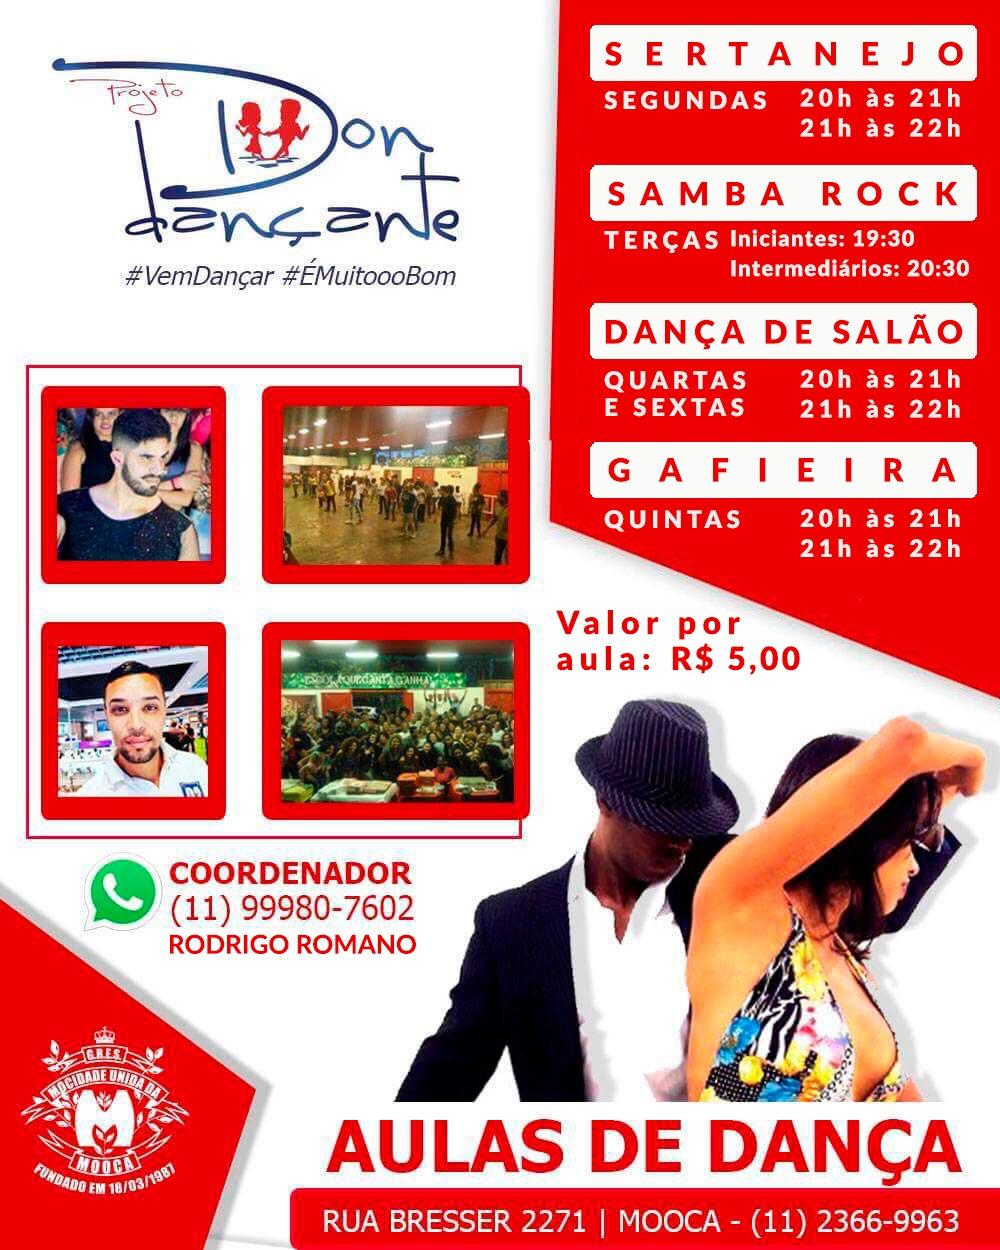 Aulas de samba rock às terças integra programação do projeto DON Dançante #nota